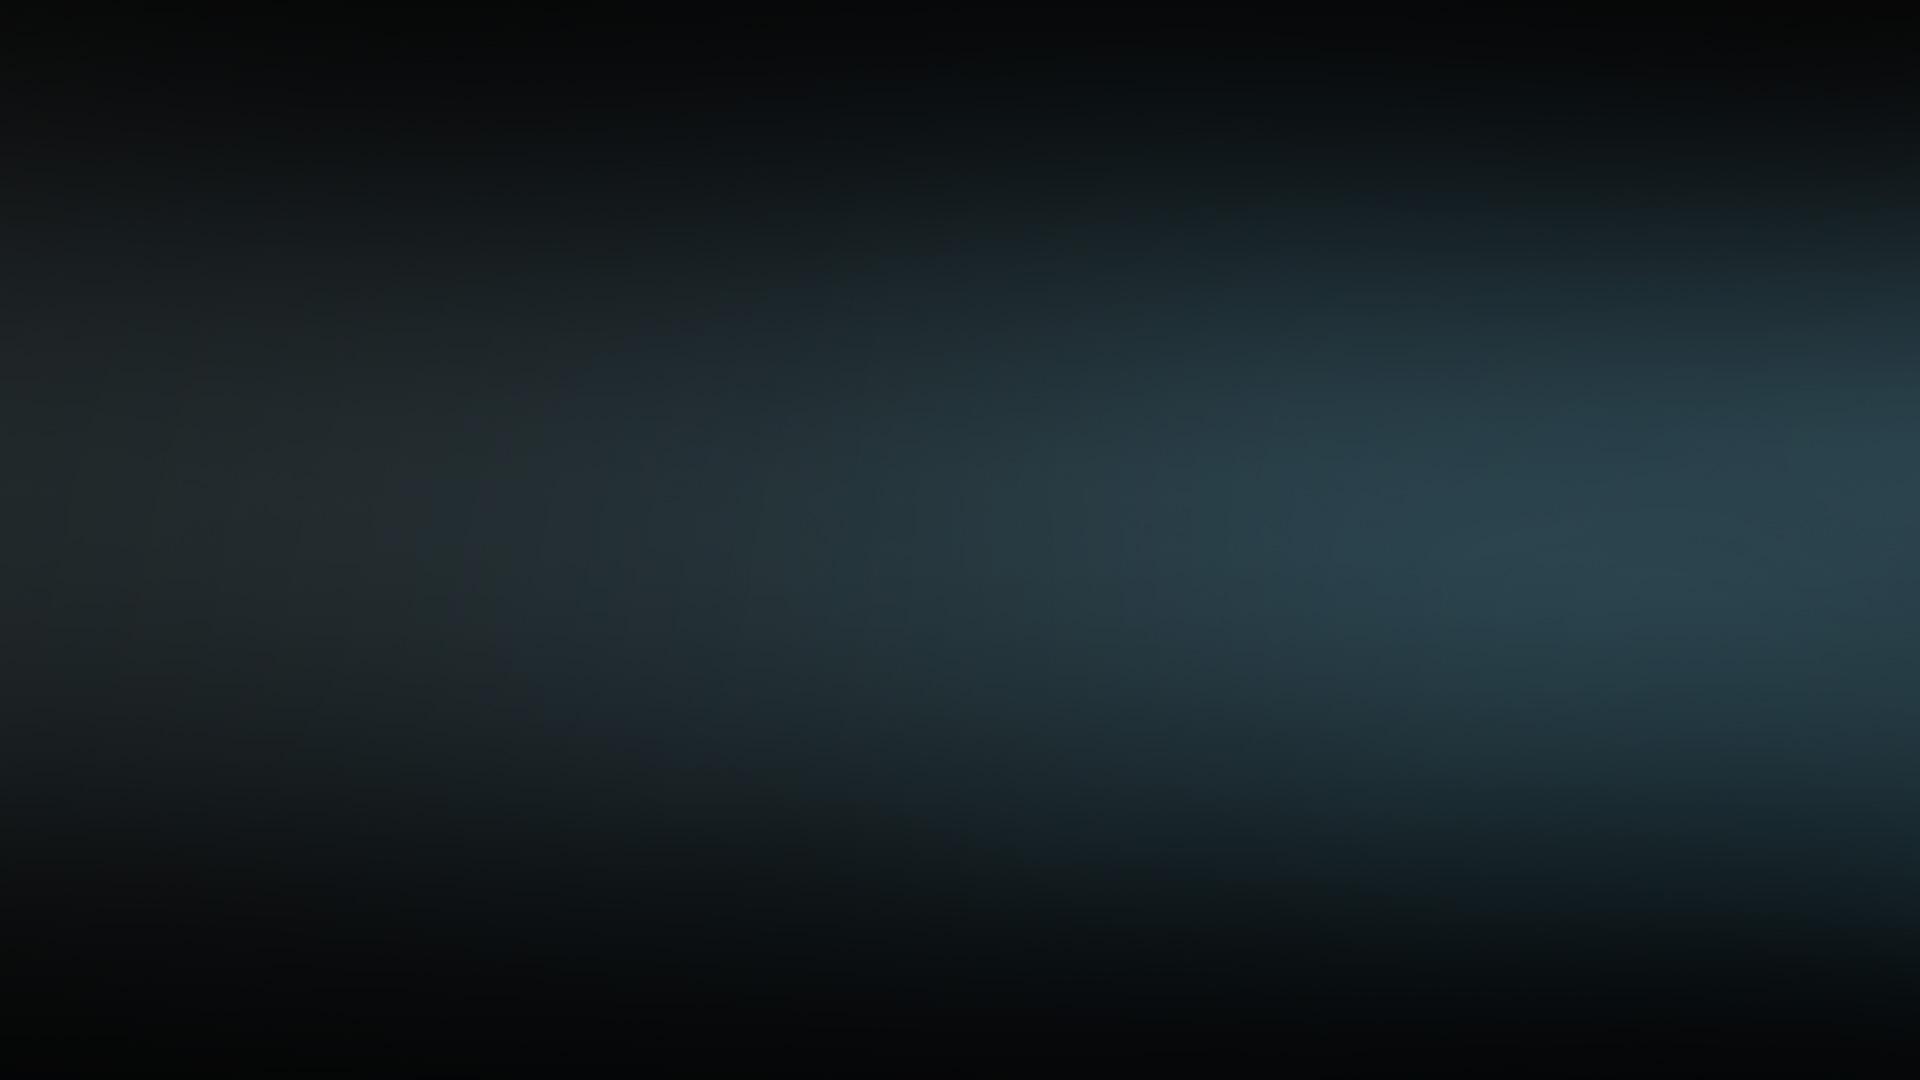 بک گراند به رنگ سیاه و آبی نفتی- black and darkblue background